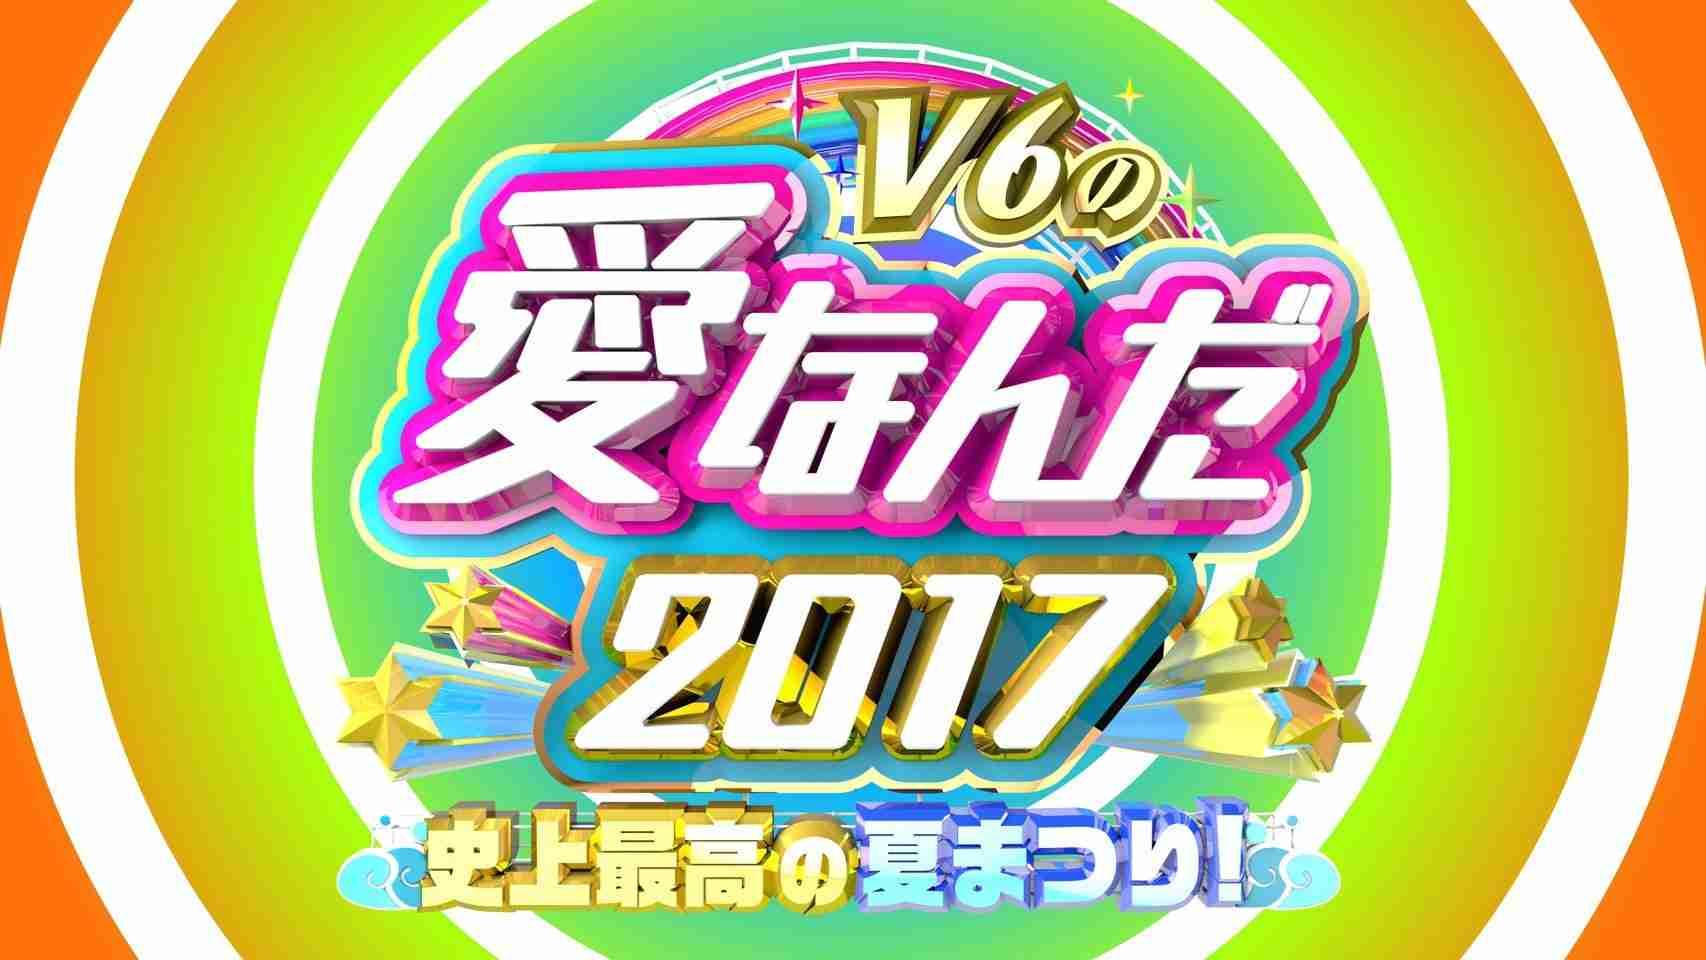 【実況・感想】V6の愛なんだ2017 史上最高の夏まつり!